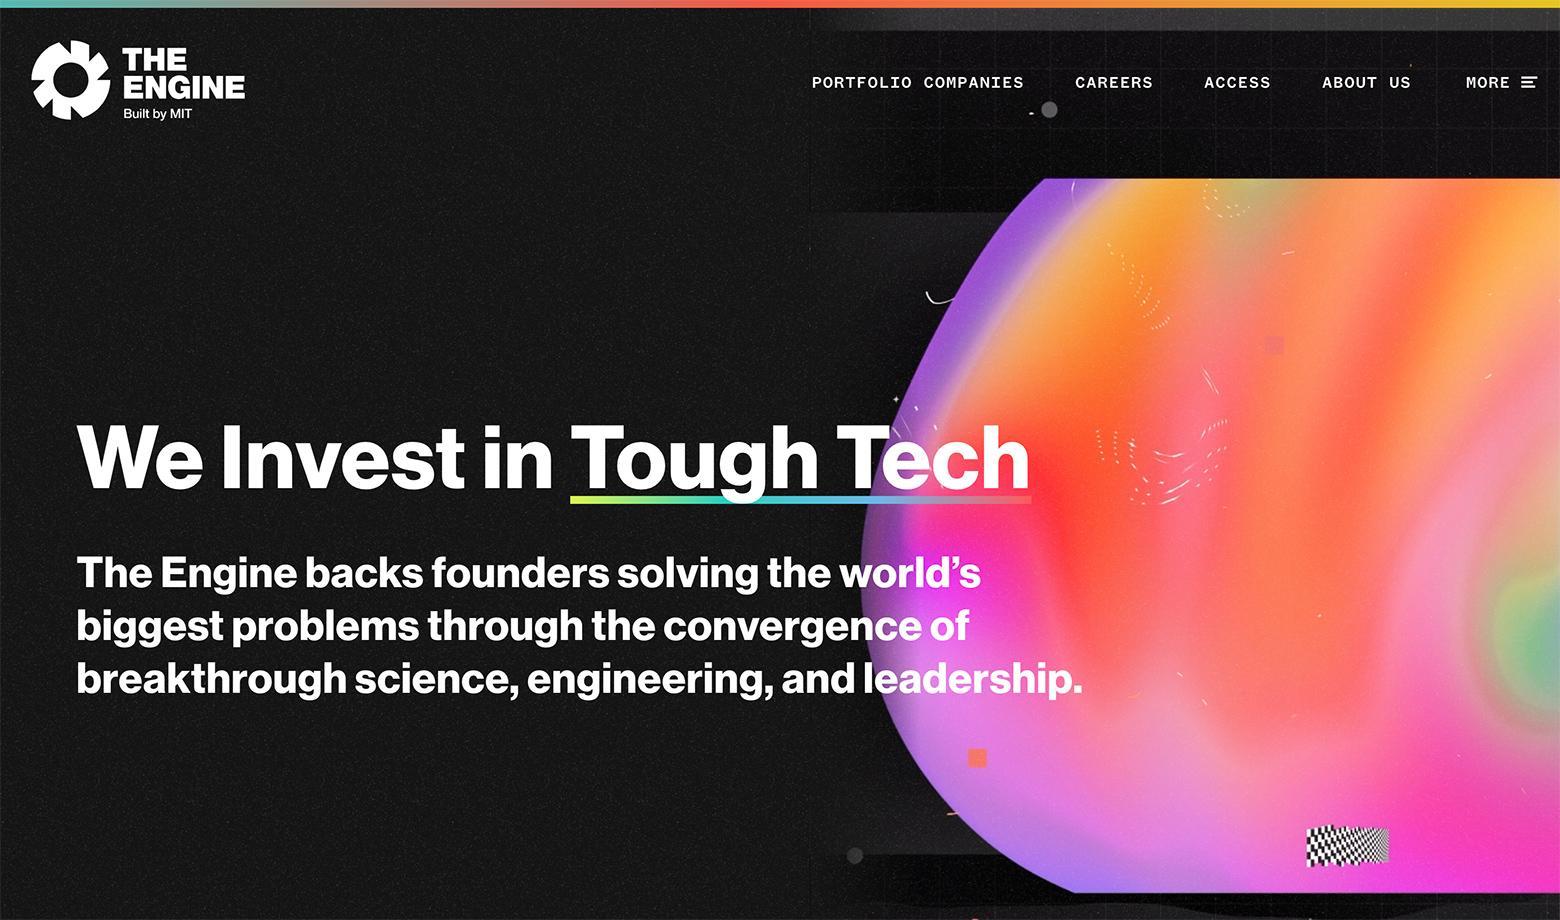 Website design standards: big typography in headers